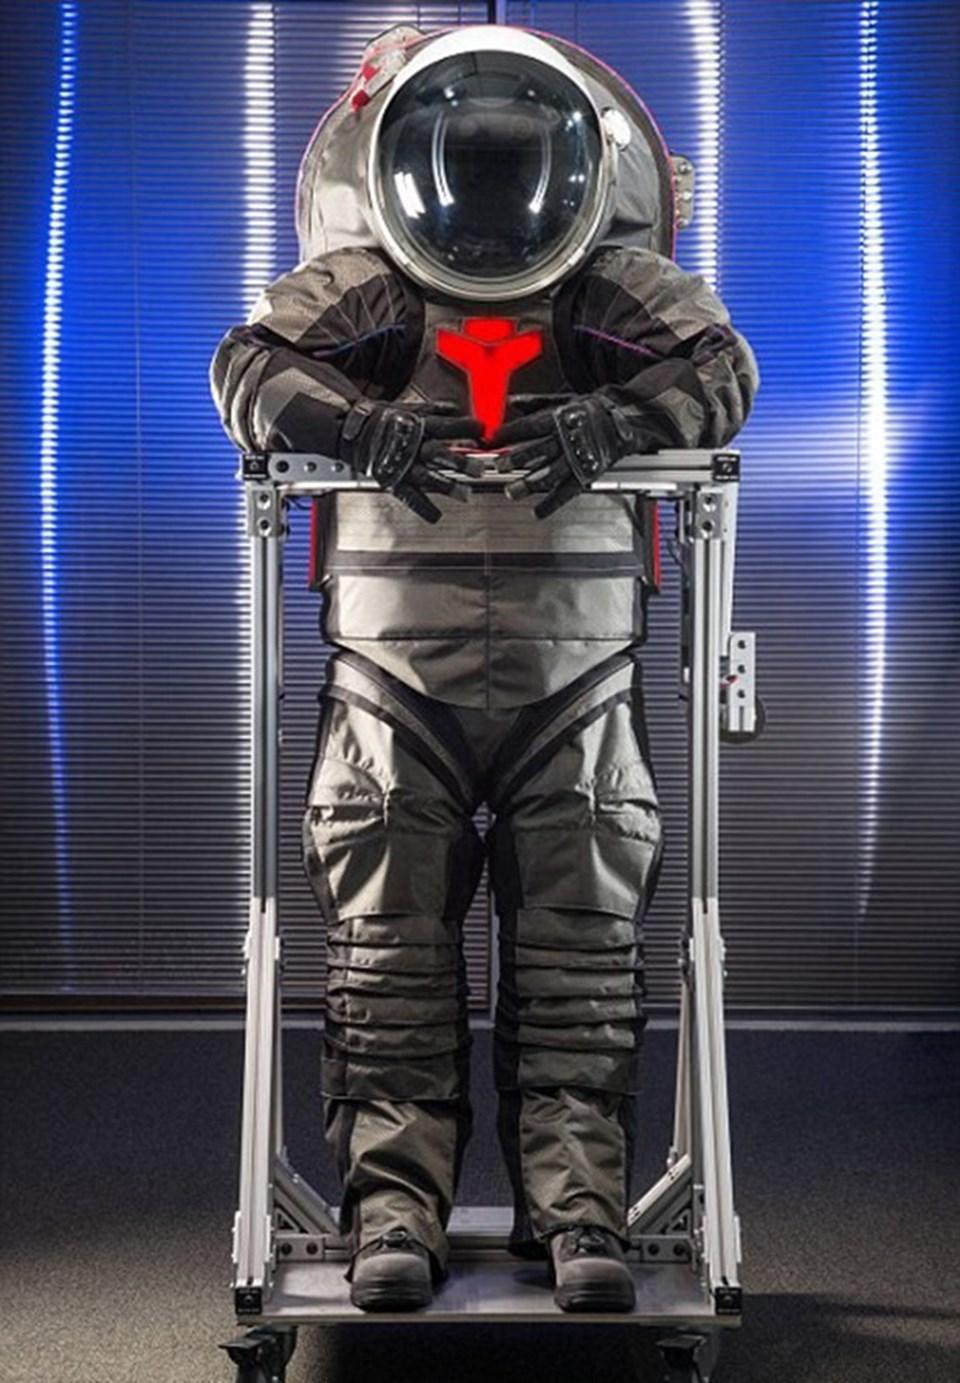 Astronot kıyafetinin bir başka artısı ise 3D yazıcılar vasıtası ile üretilecek olması. Bu sayede ihtiyaç duyulması halinde yeni giysiler Mars'taki modülde yapılabilecek.